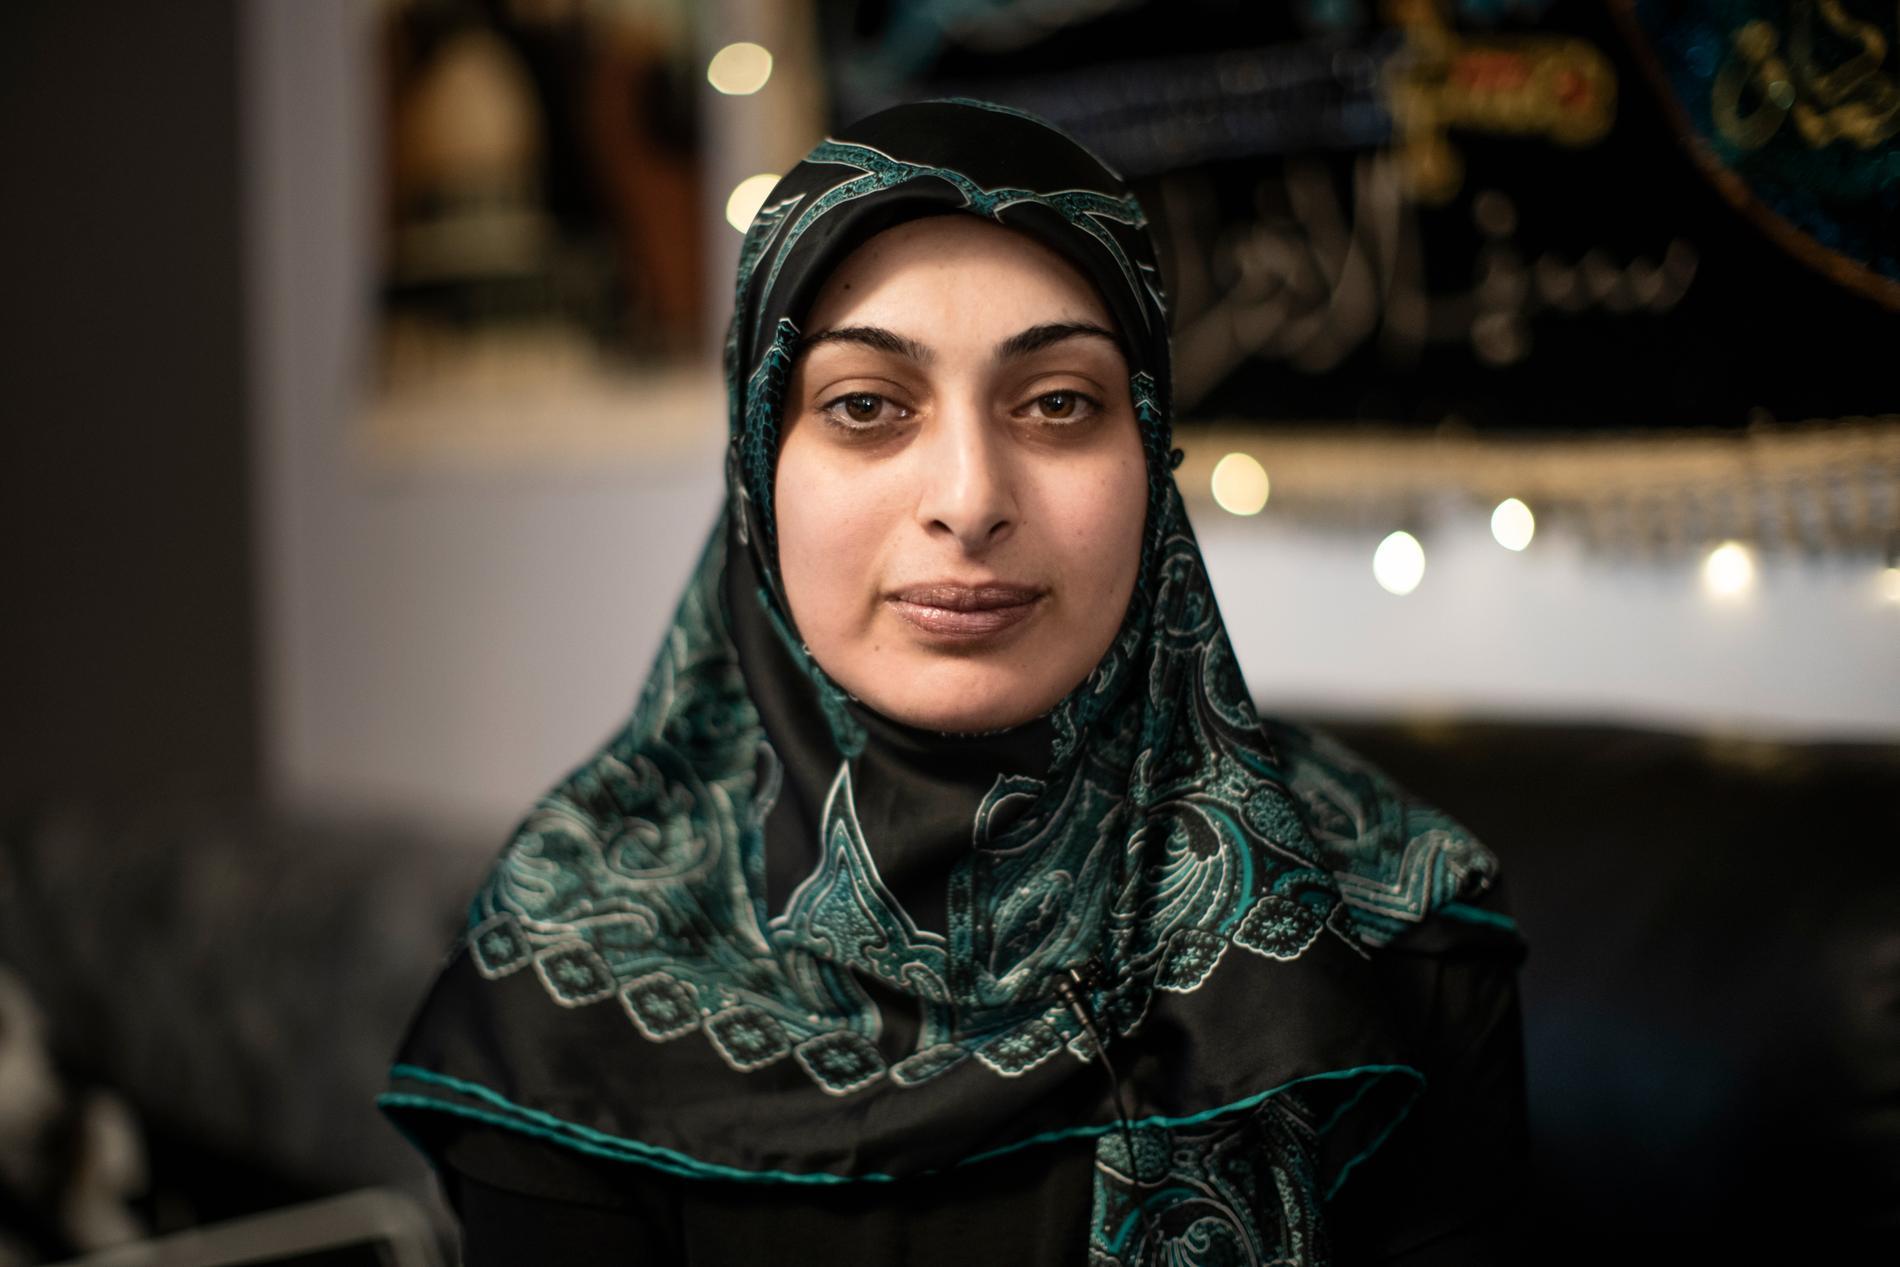 – De säger att det är en dålig skola, om en skola som barnen älskar, säger Amal Abdallah.